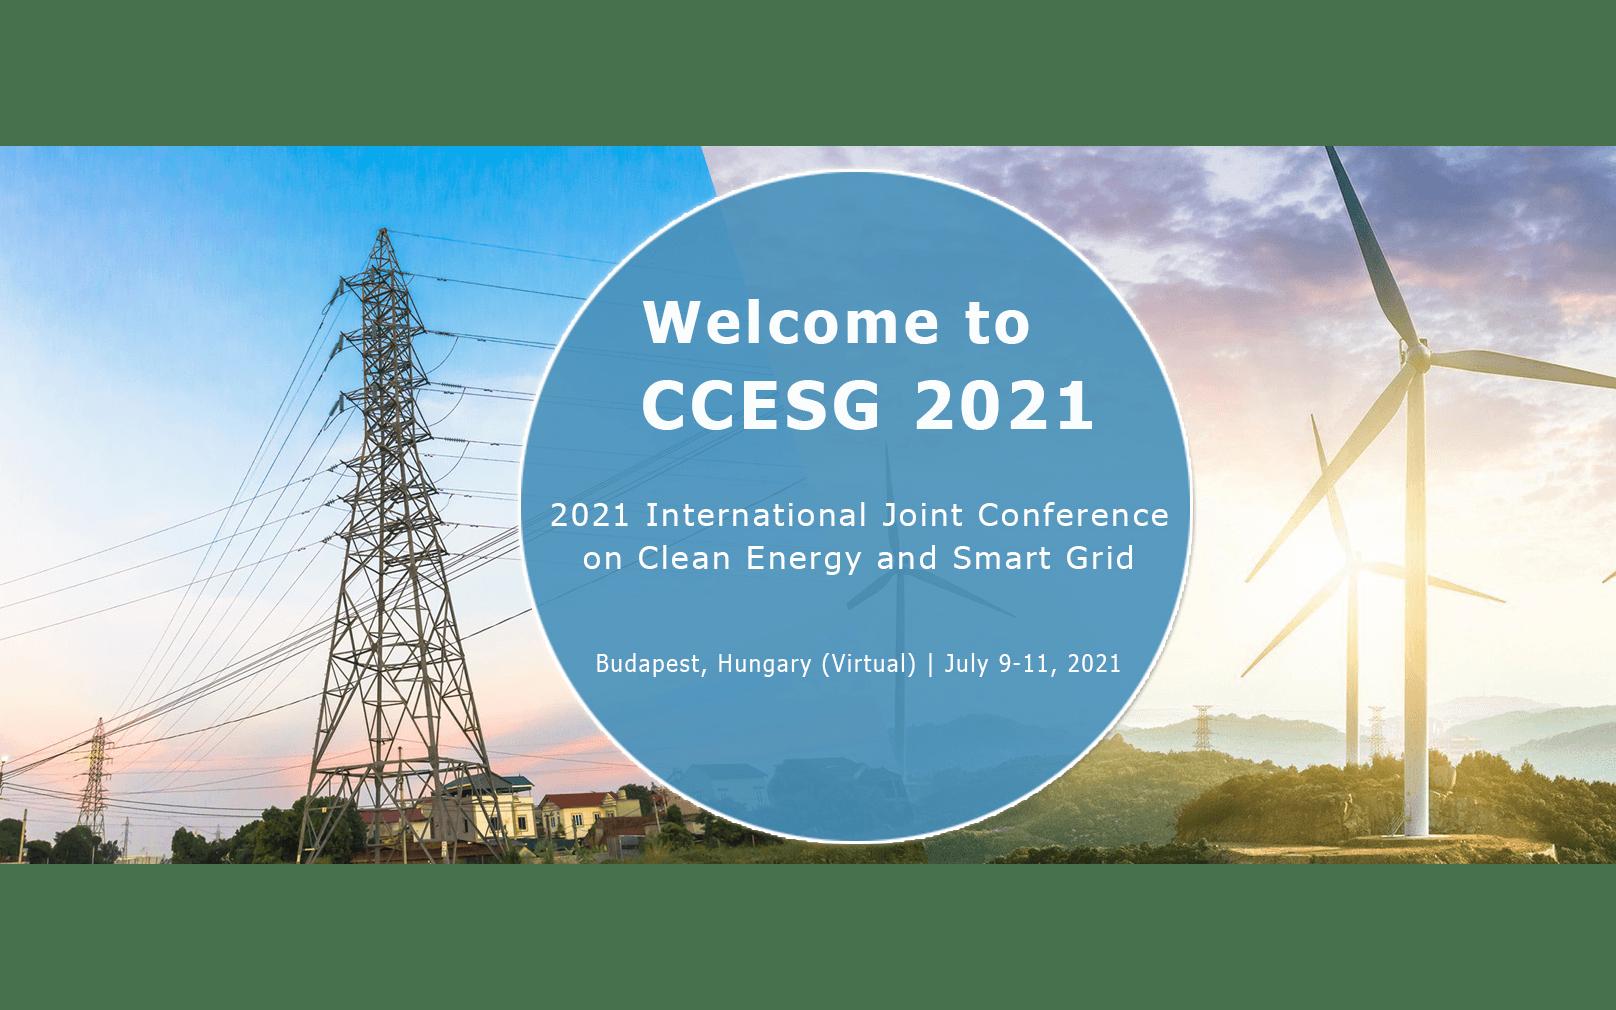 2021年第四届清洁能源与智能电网国际会议(CCESG 2021)EI检索